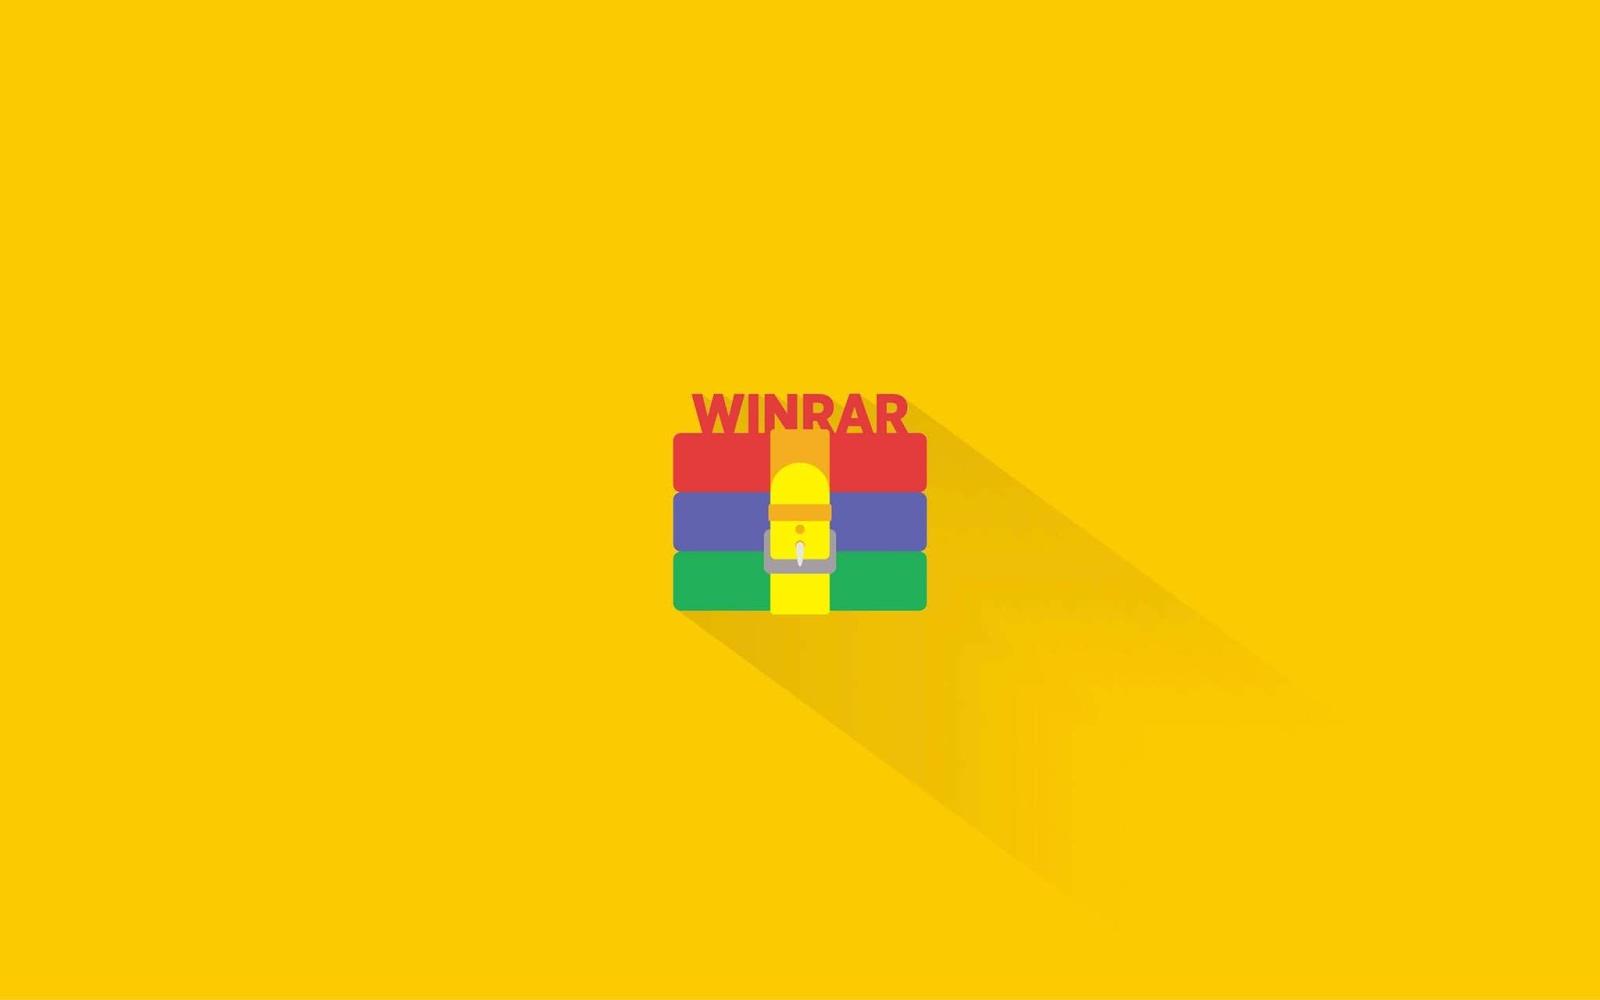 Hướng dẫn cài đặt WinRAR mới nhất 2019 Full Active đơn giản